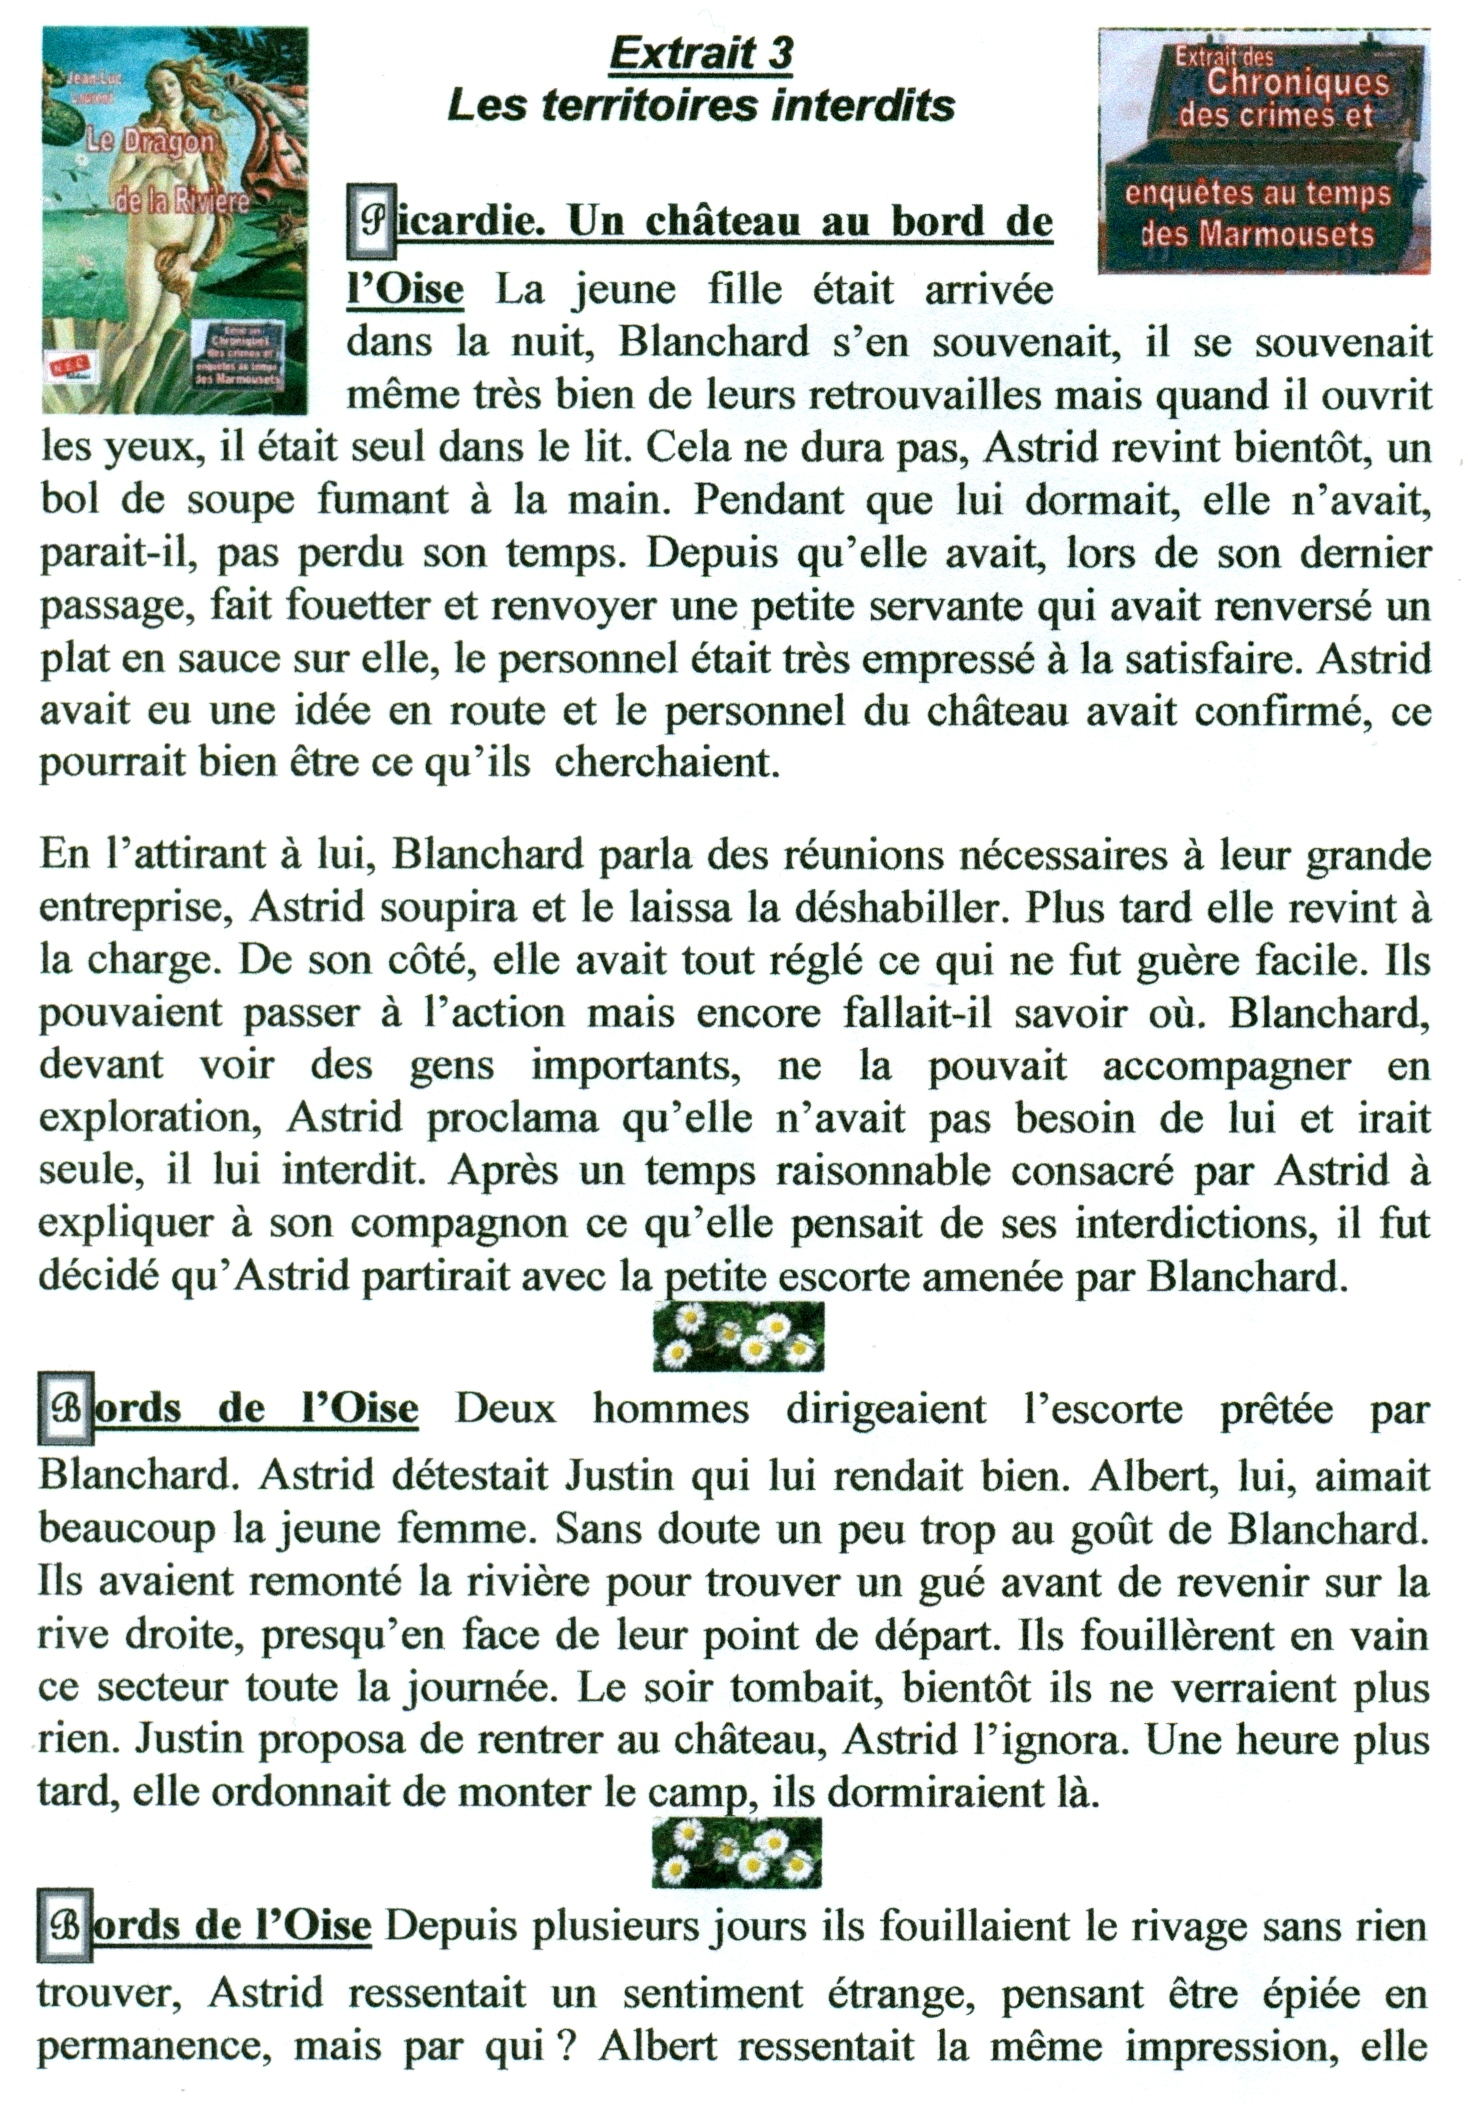 Extrait 3 Les territoires interdits dans extraits numerisation0097